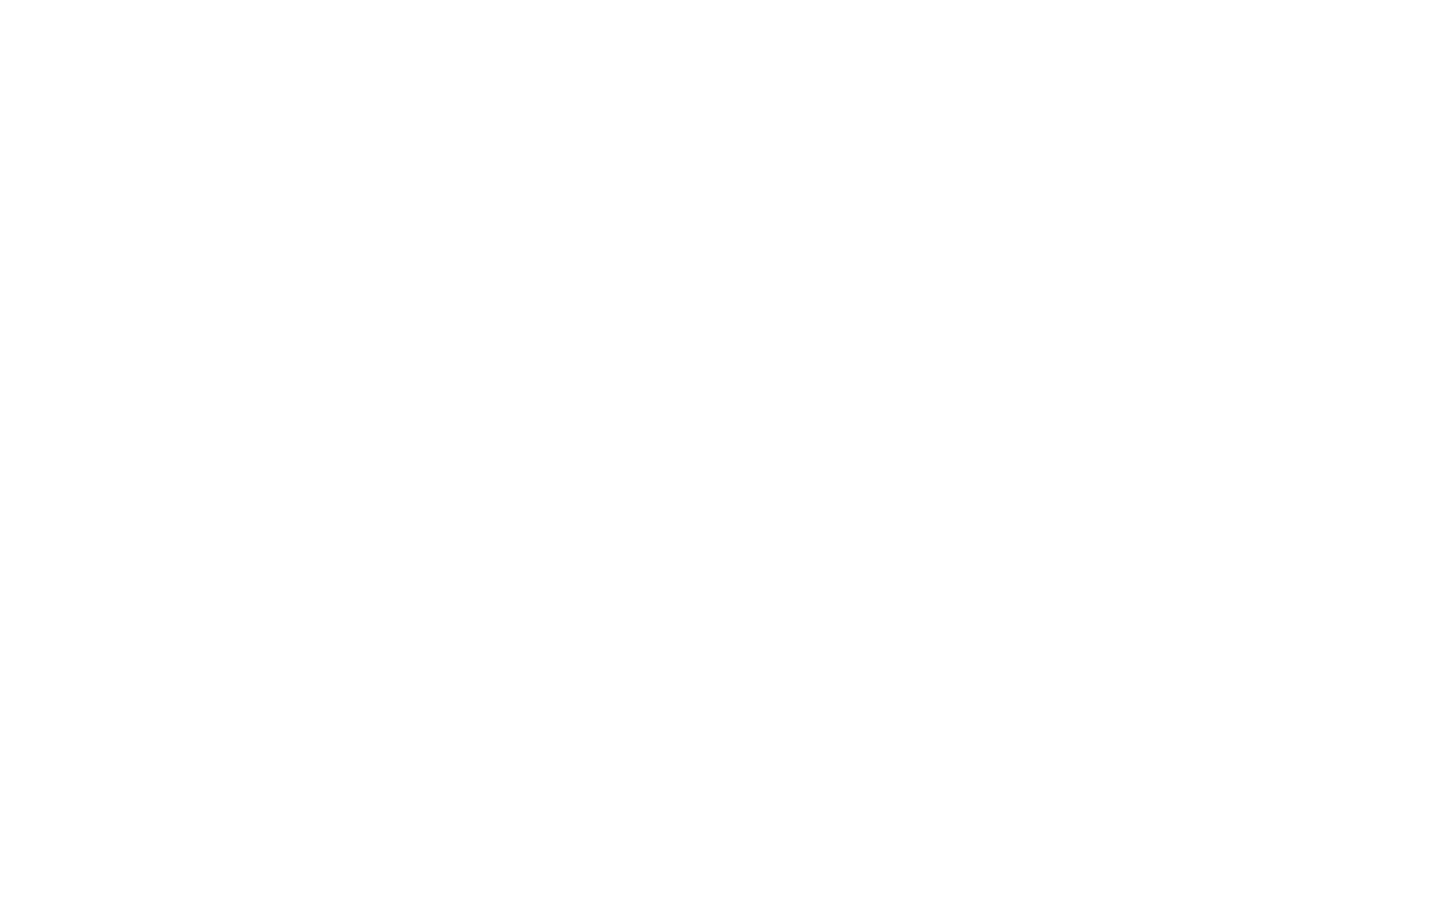 Southerrn Plumbing